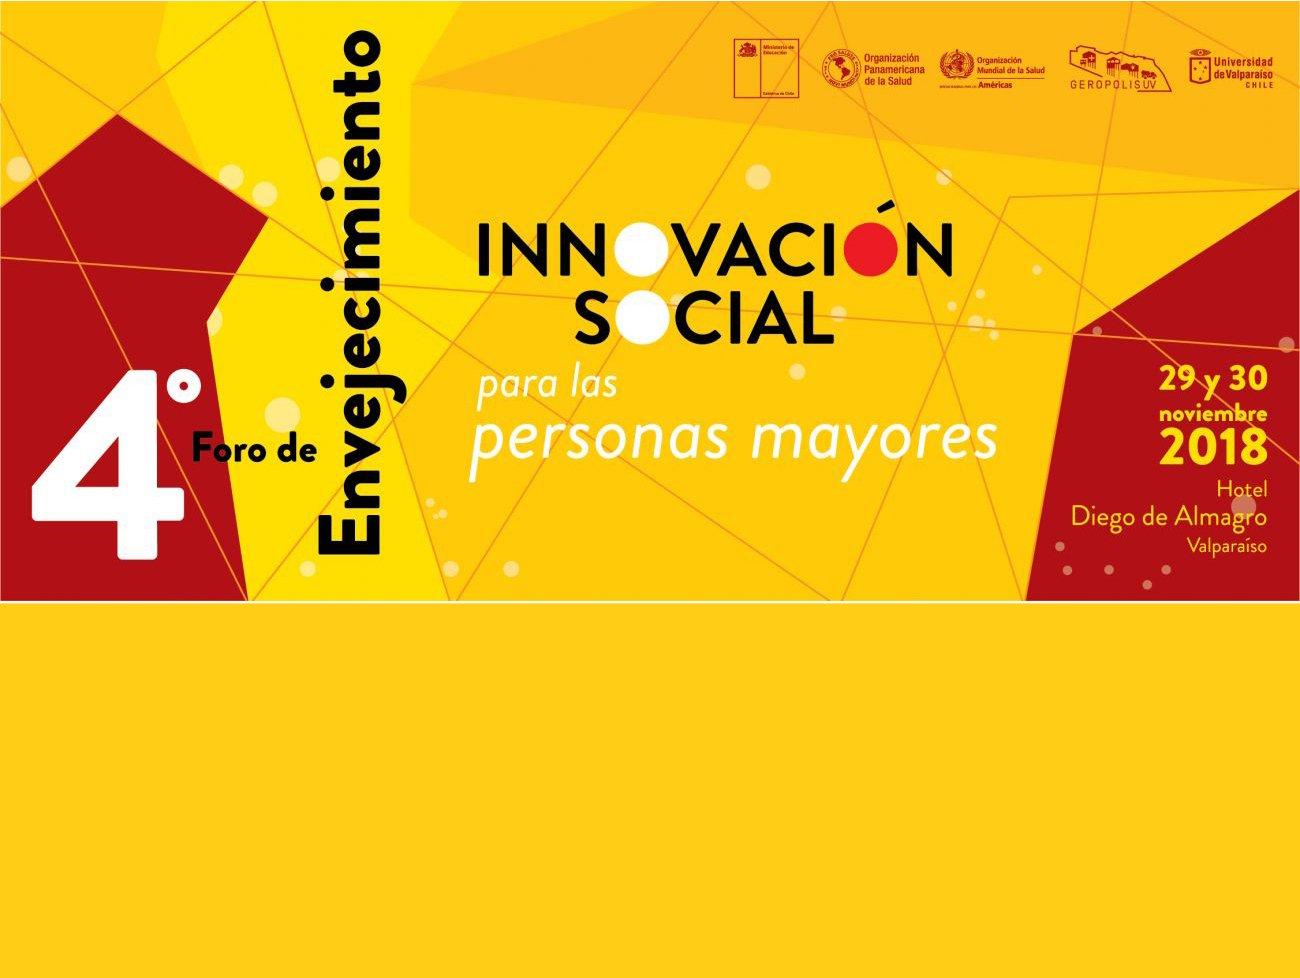 flyer IV foro envejecimento a realizarse en Valparaiso los dias 29 y 30 de noviembre